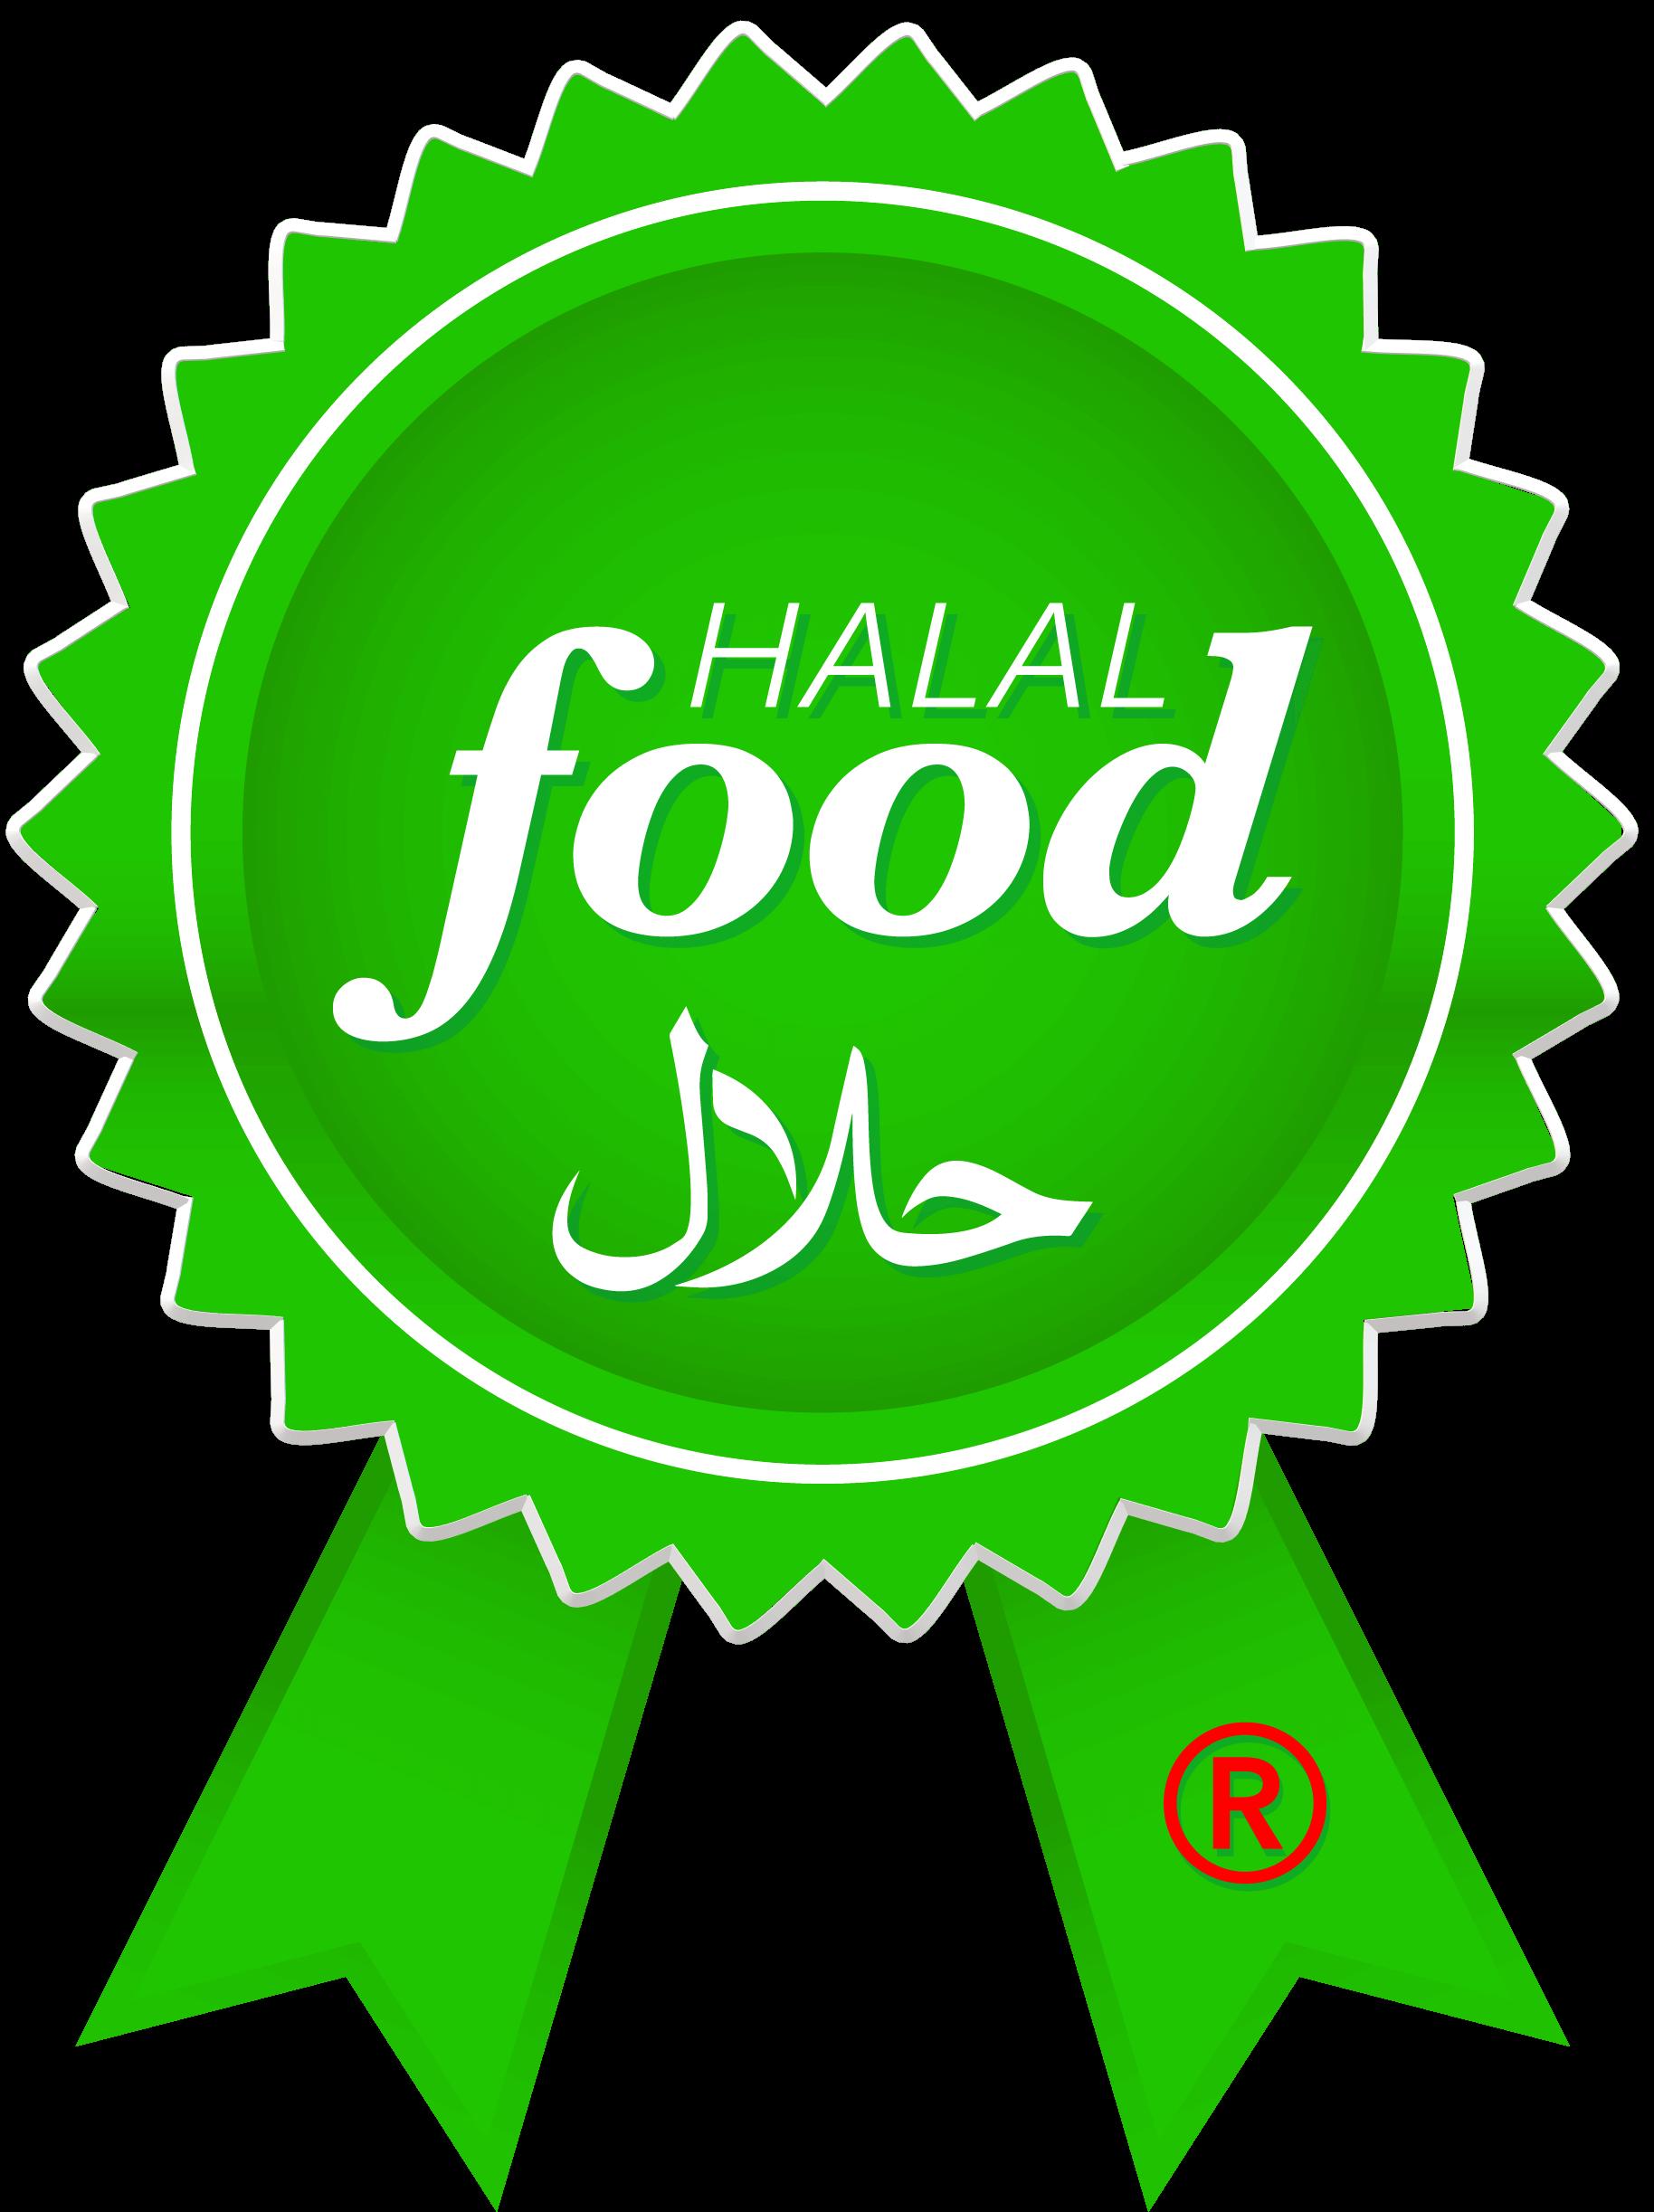 Food Halal – Livraison Pizza et plats Halal – Lausanne